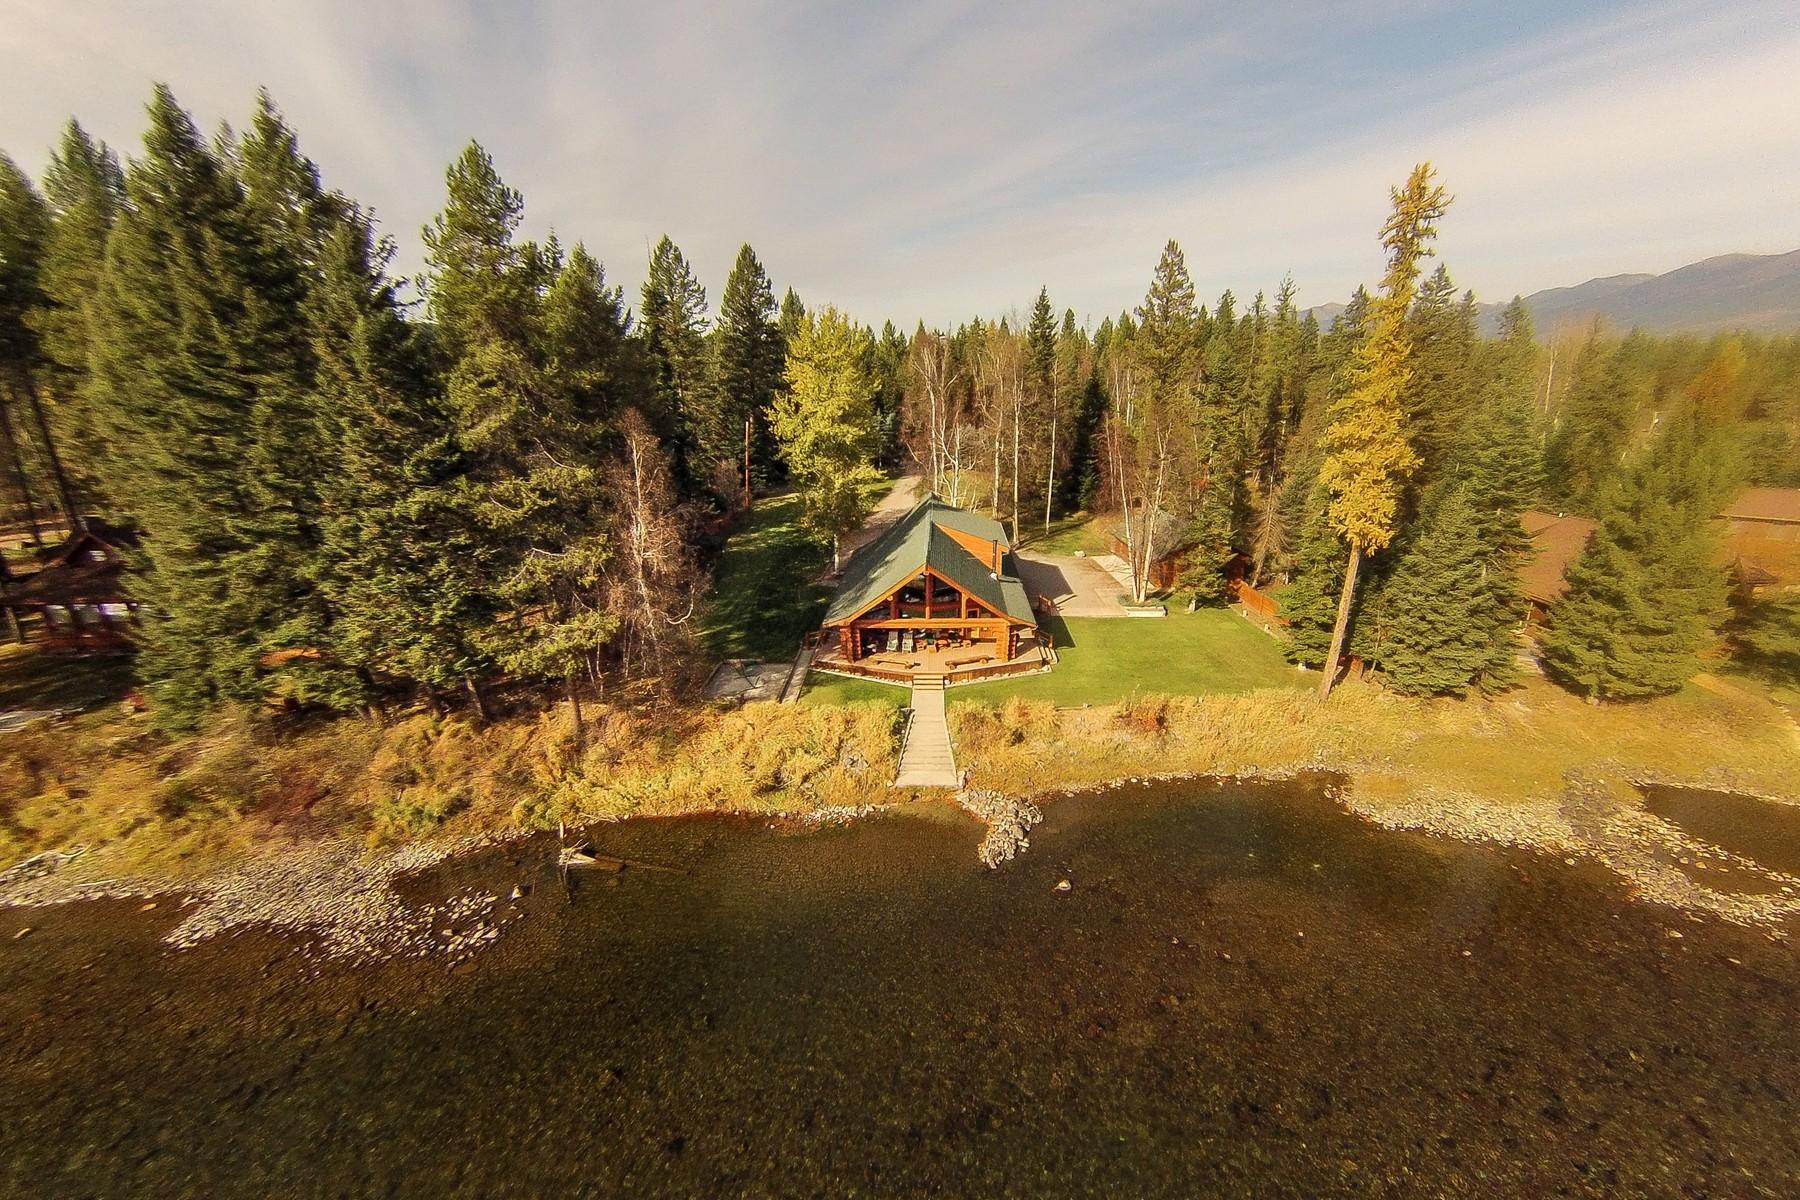 Частный односемейный дом для того Продажа на Unique Swan River Home 191 Shady Ln Bigfork, Монтана, 59911 Соединенные Штаты